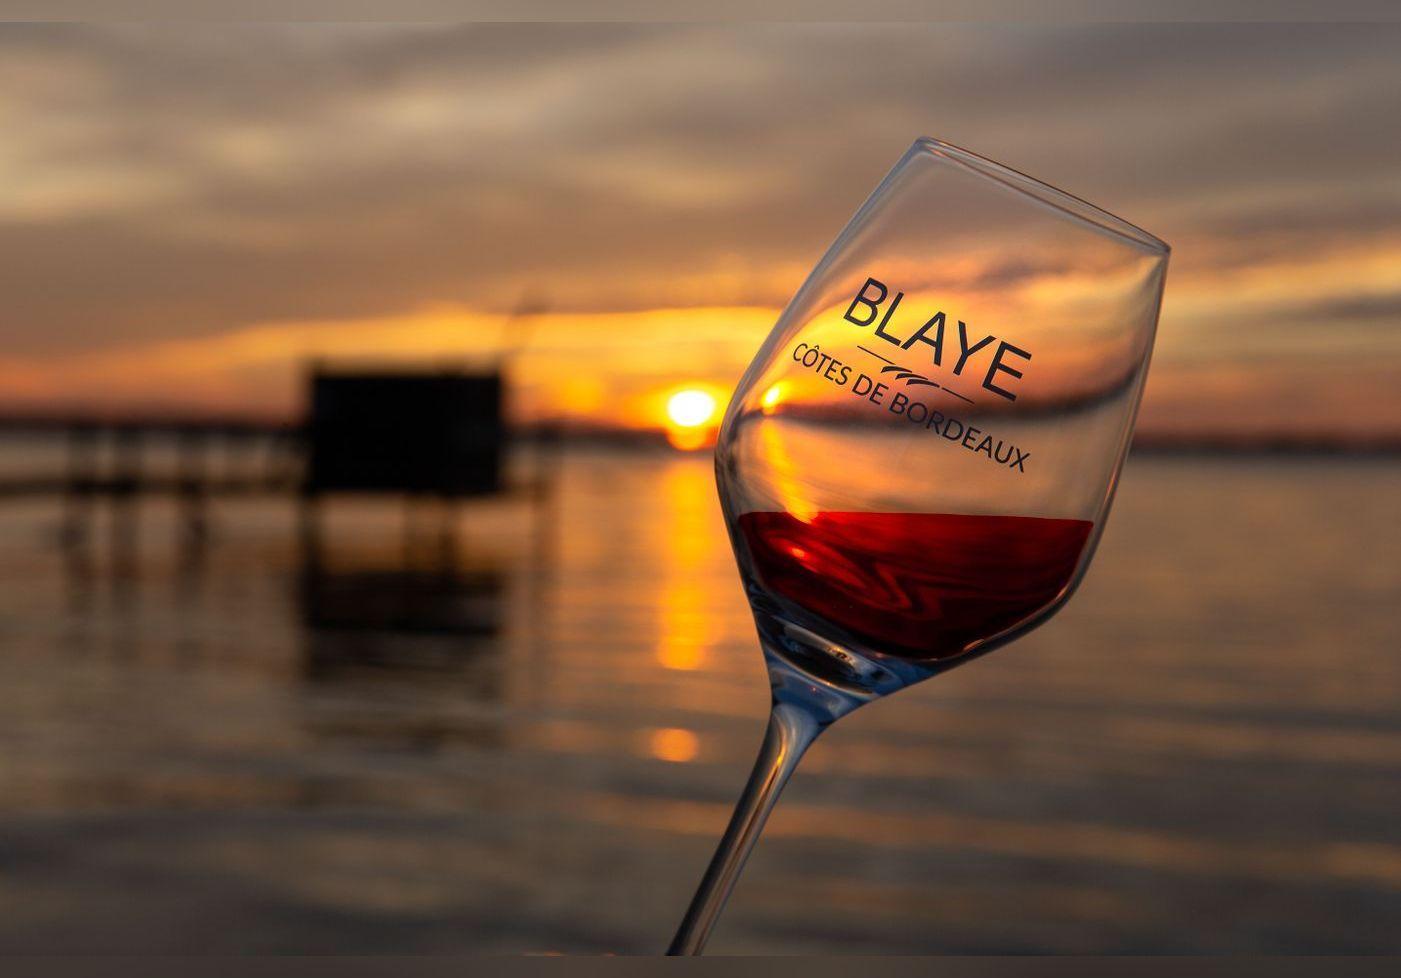 Blaye Côtes de Bordeaux, le vignoble qui donne la parole aux vignerons